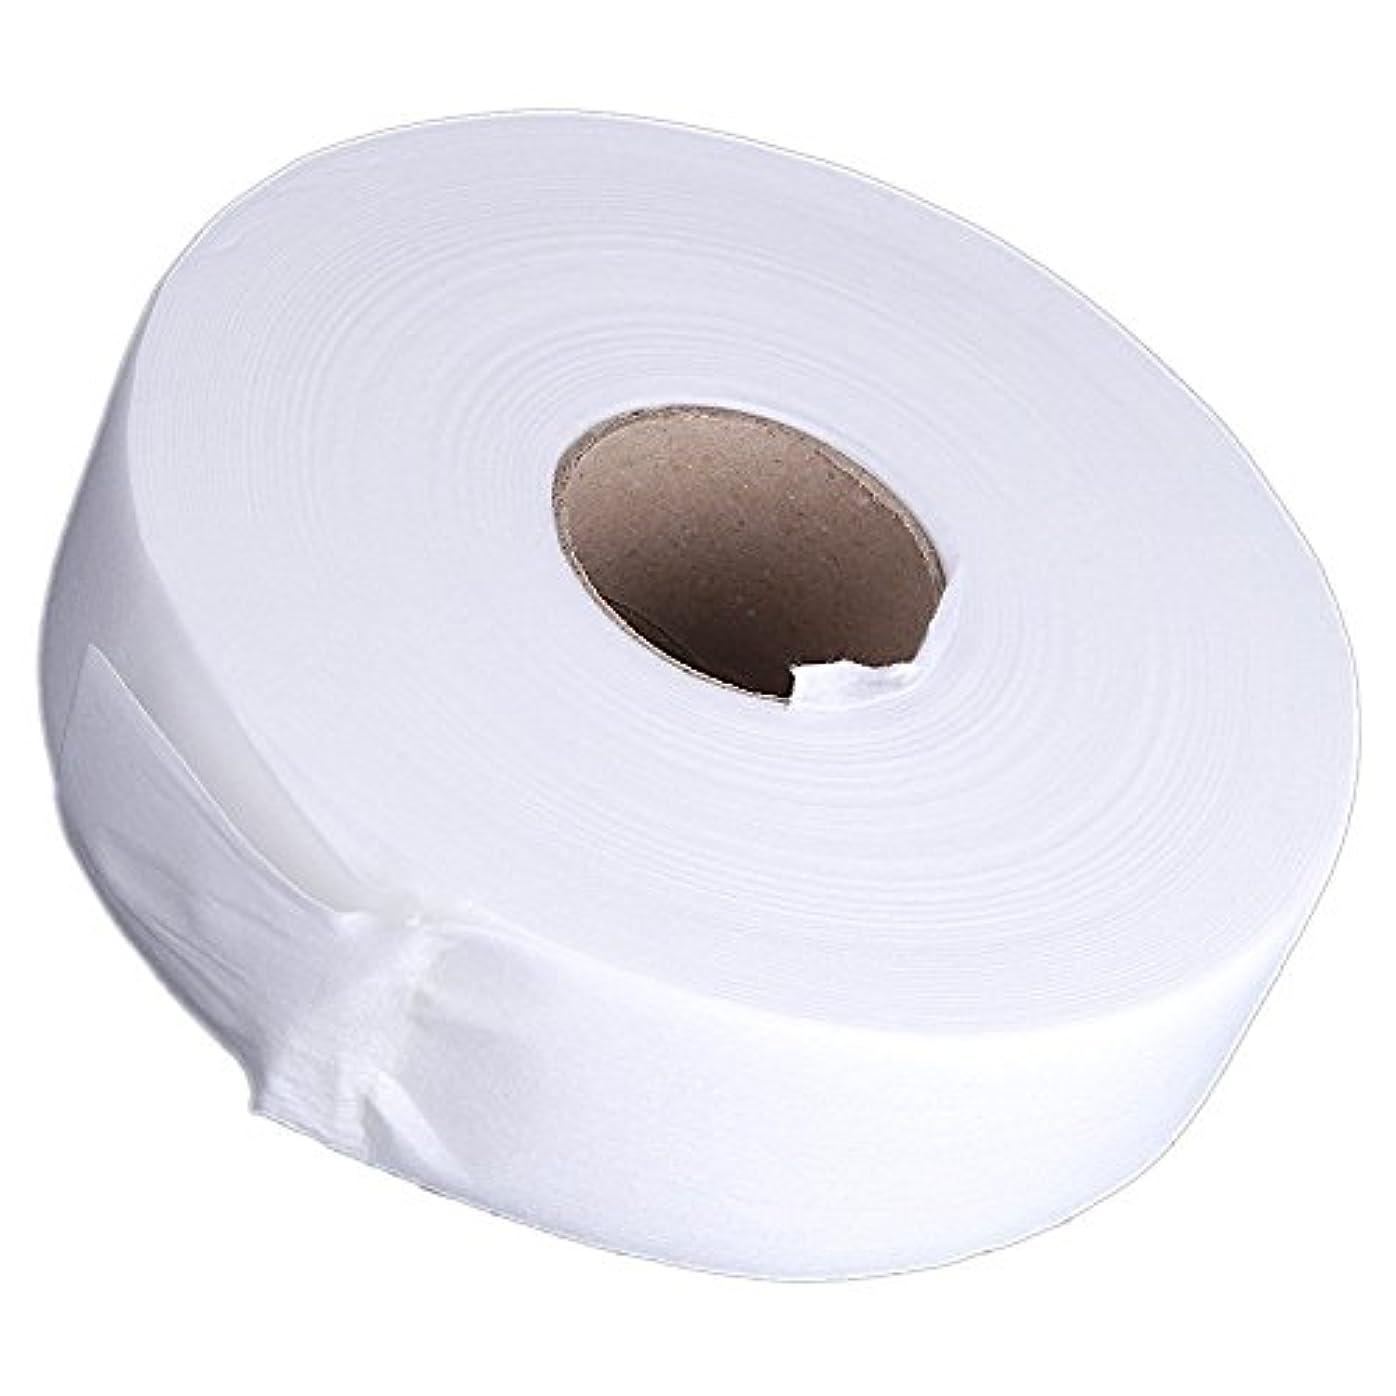 アコーシリーズ組み込むACAMPTAR 100ヤードの脱毛紙脱毛ワックスストリップ 不織布ペーパーワックスロール(白)